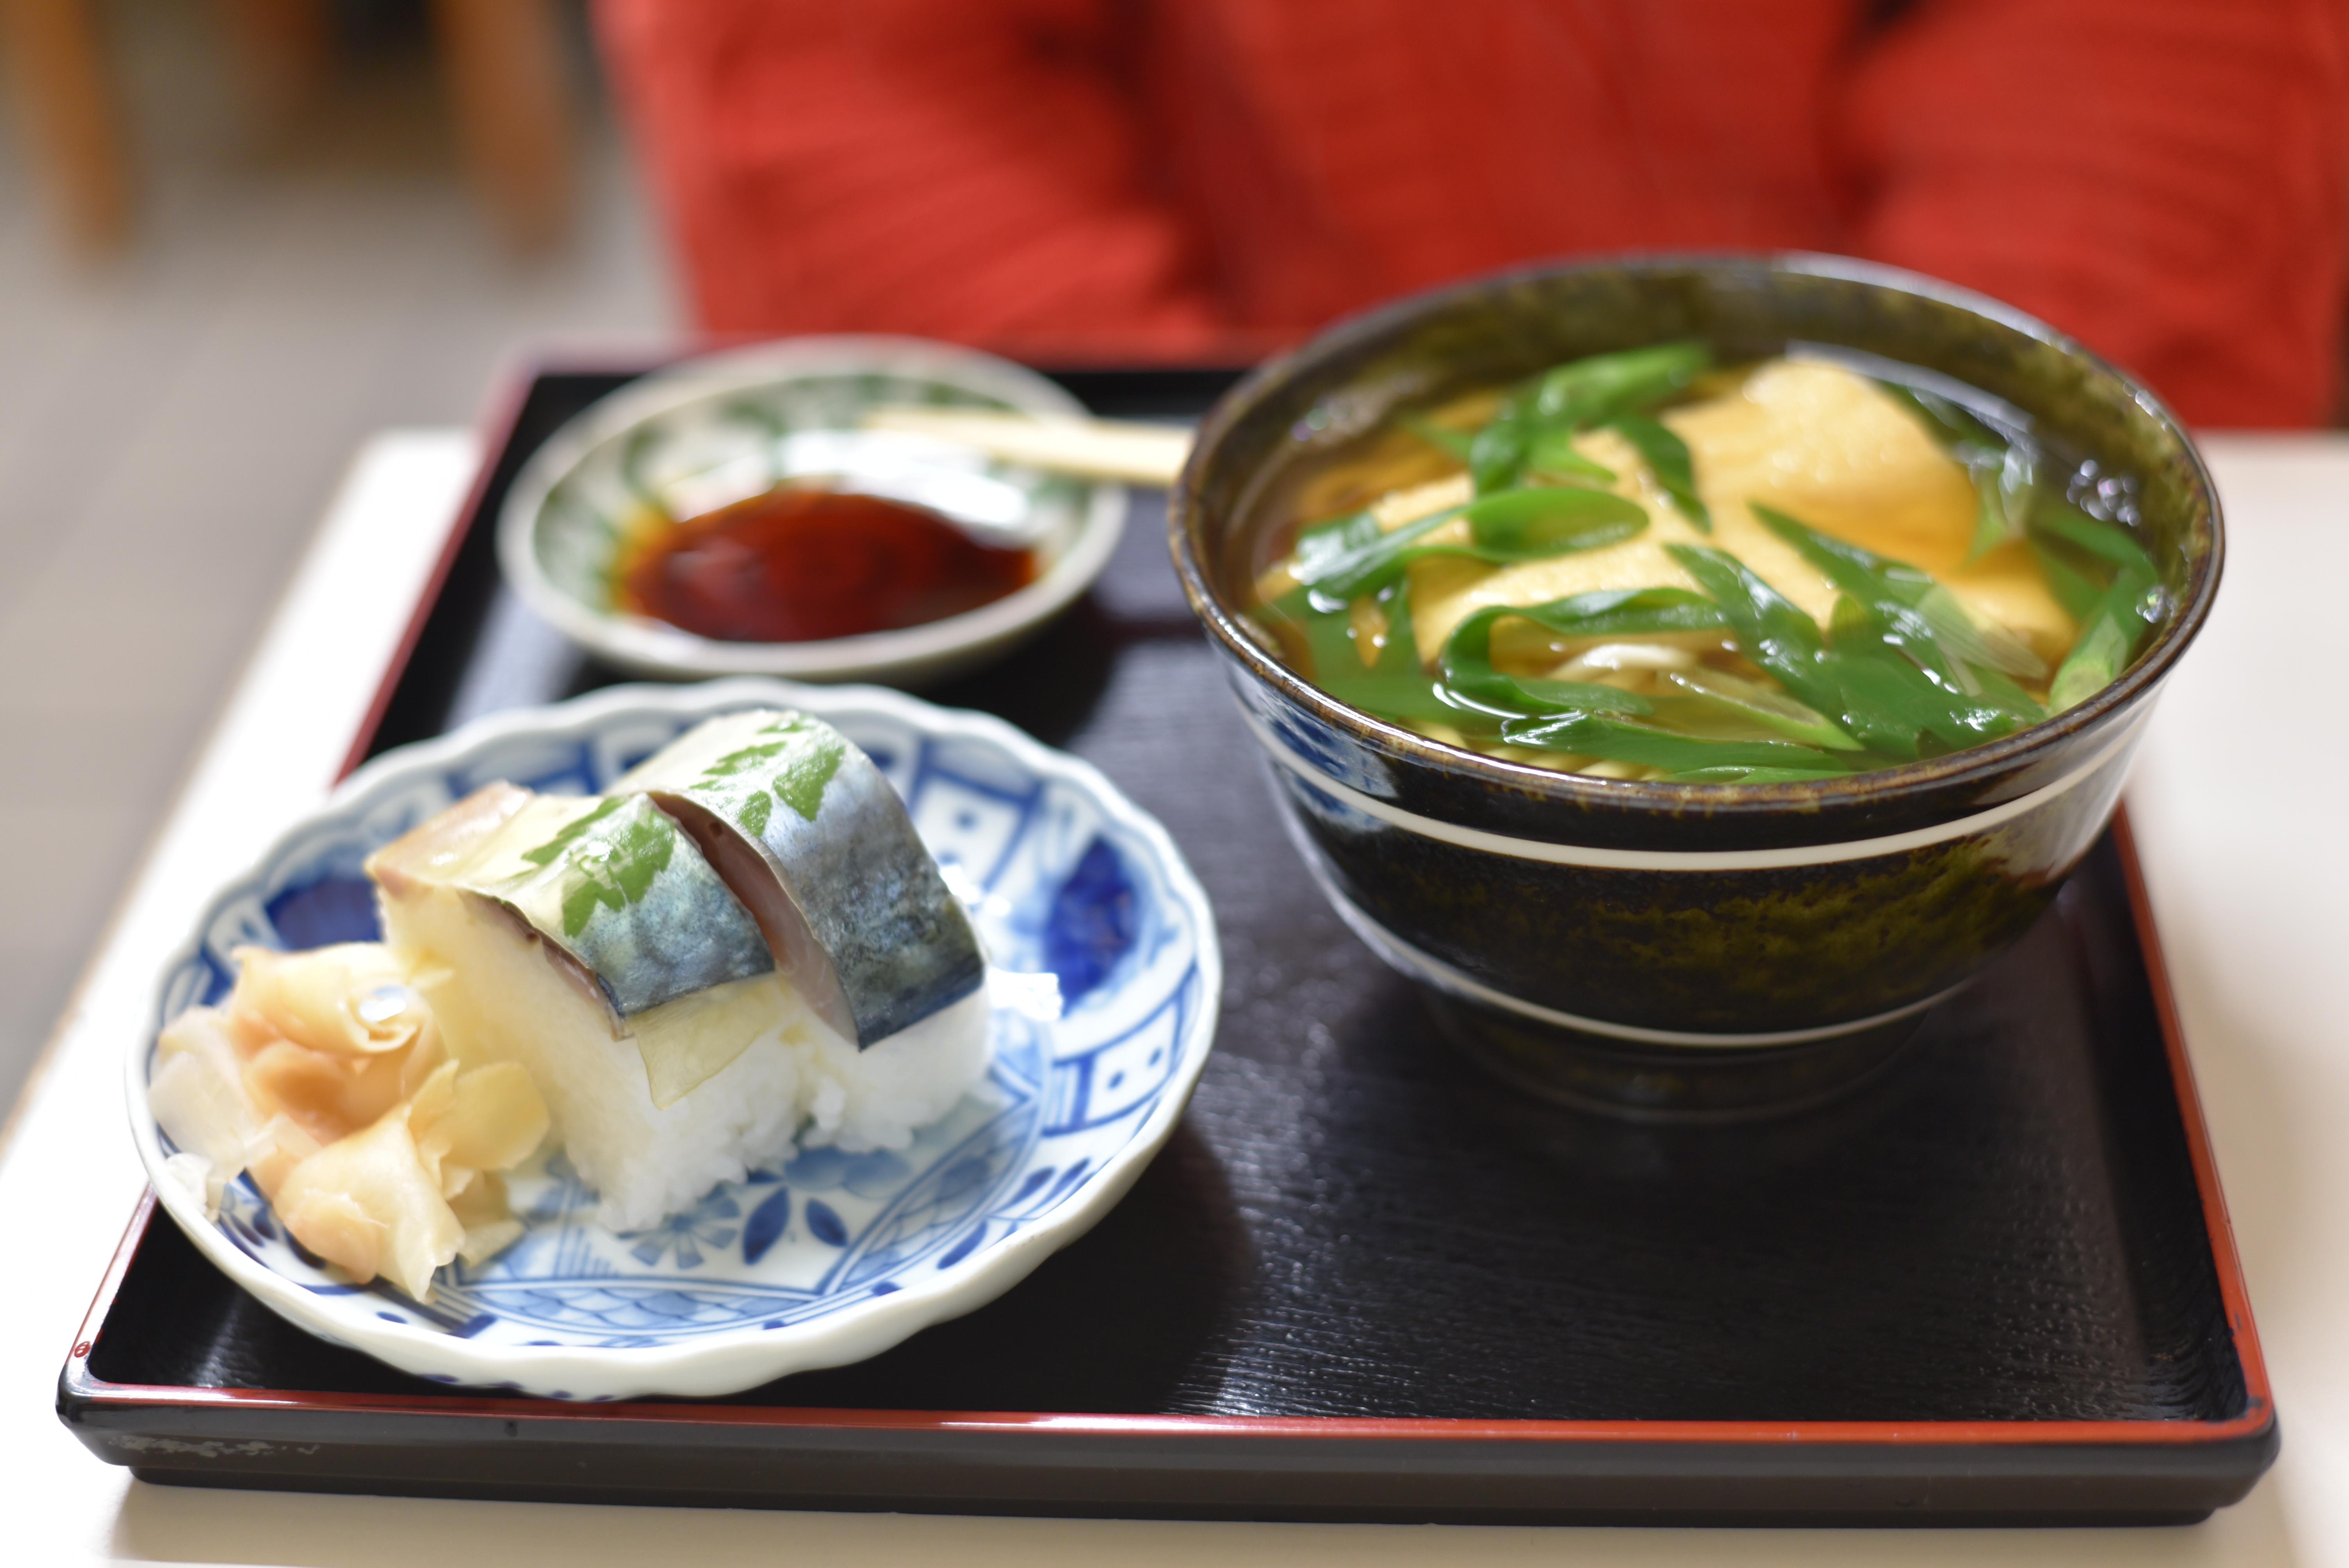 満寿形屋 ますがたや 鯖寿司 きつねうどん